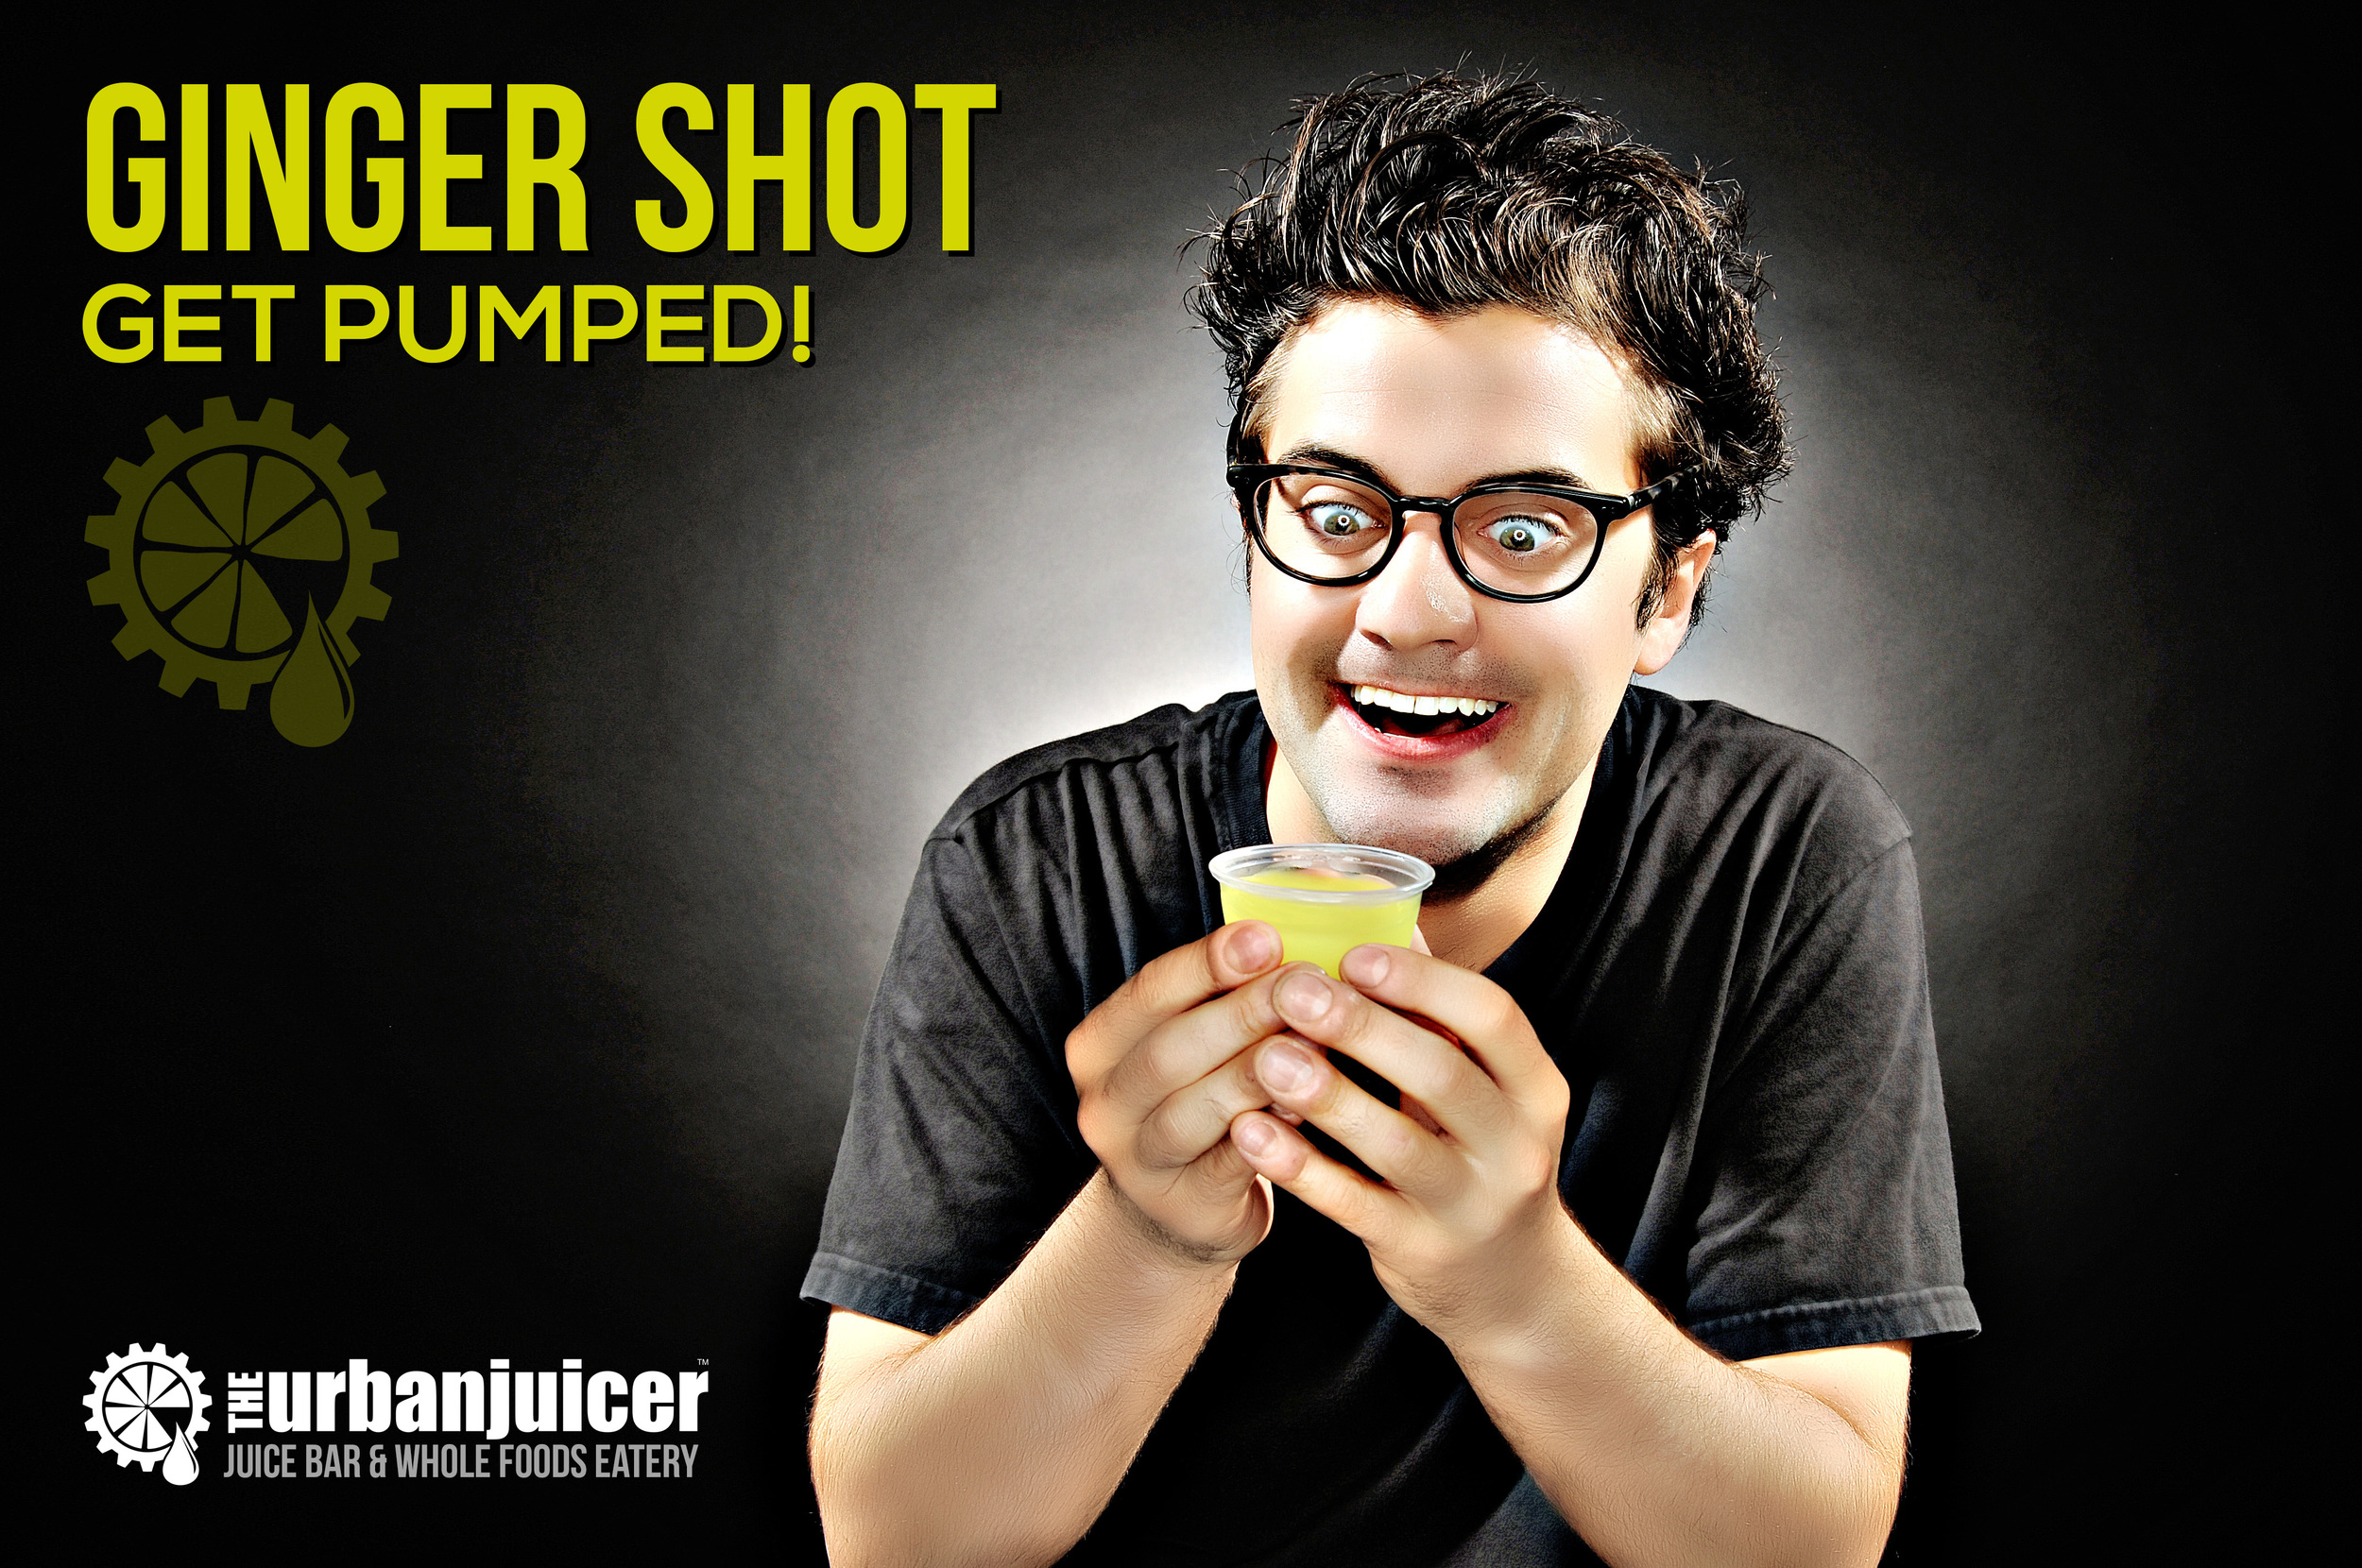 Michael-Ginger-Shot-Black-BG.jpg